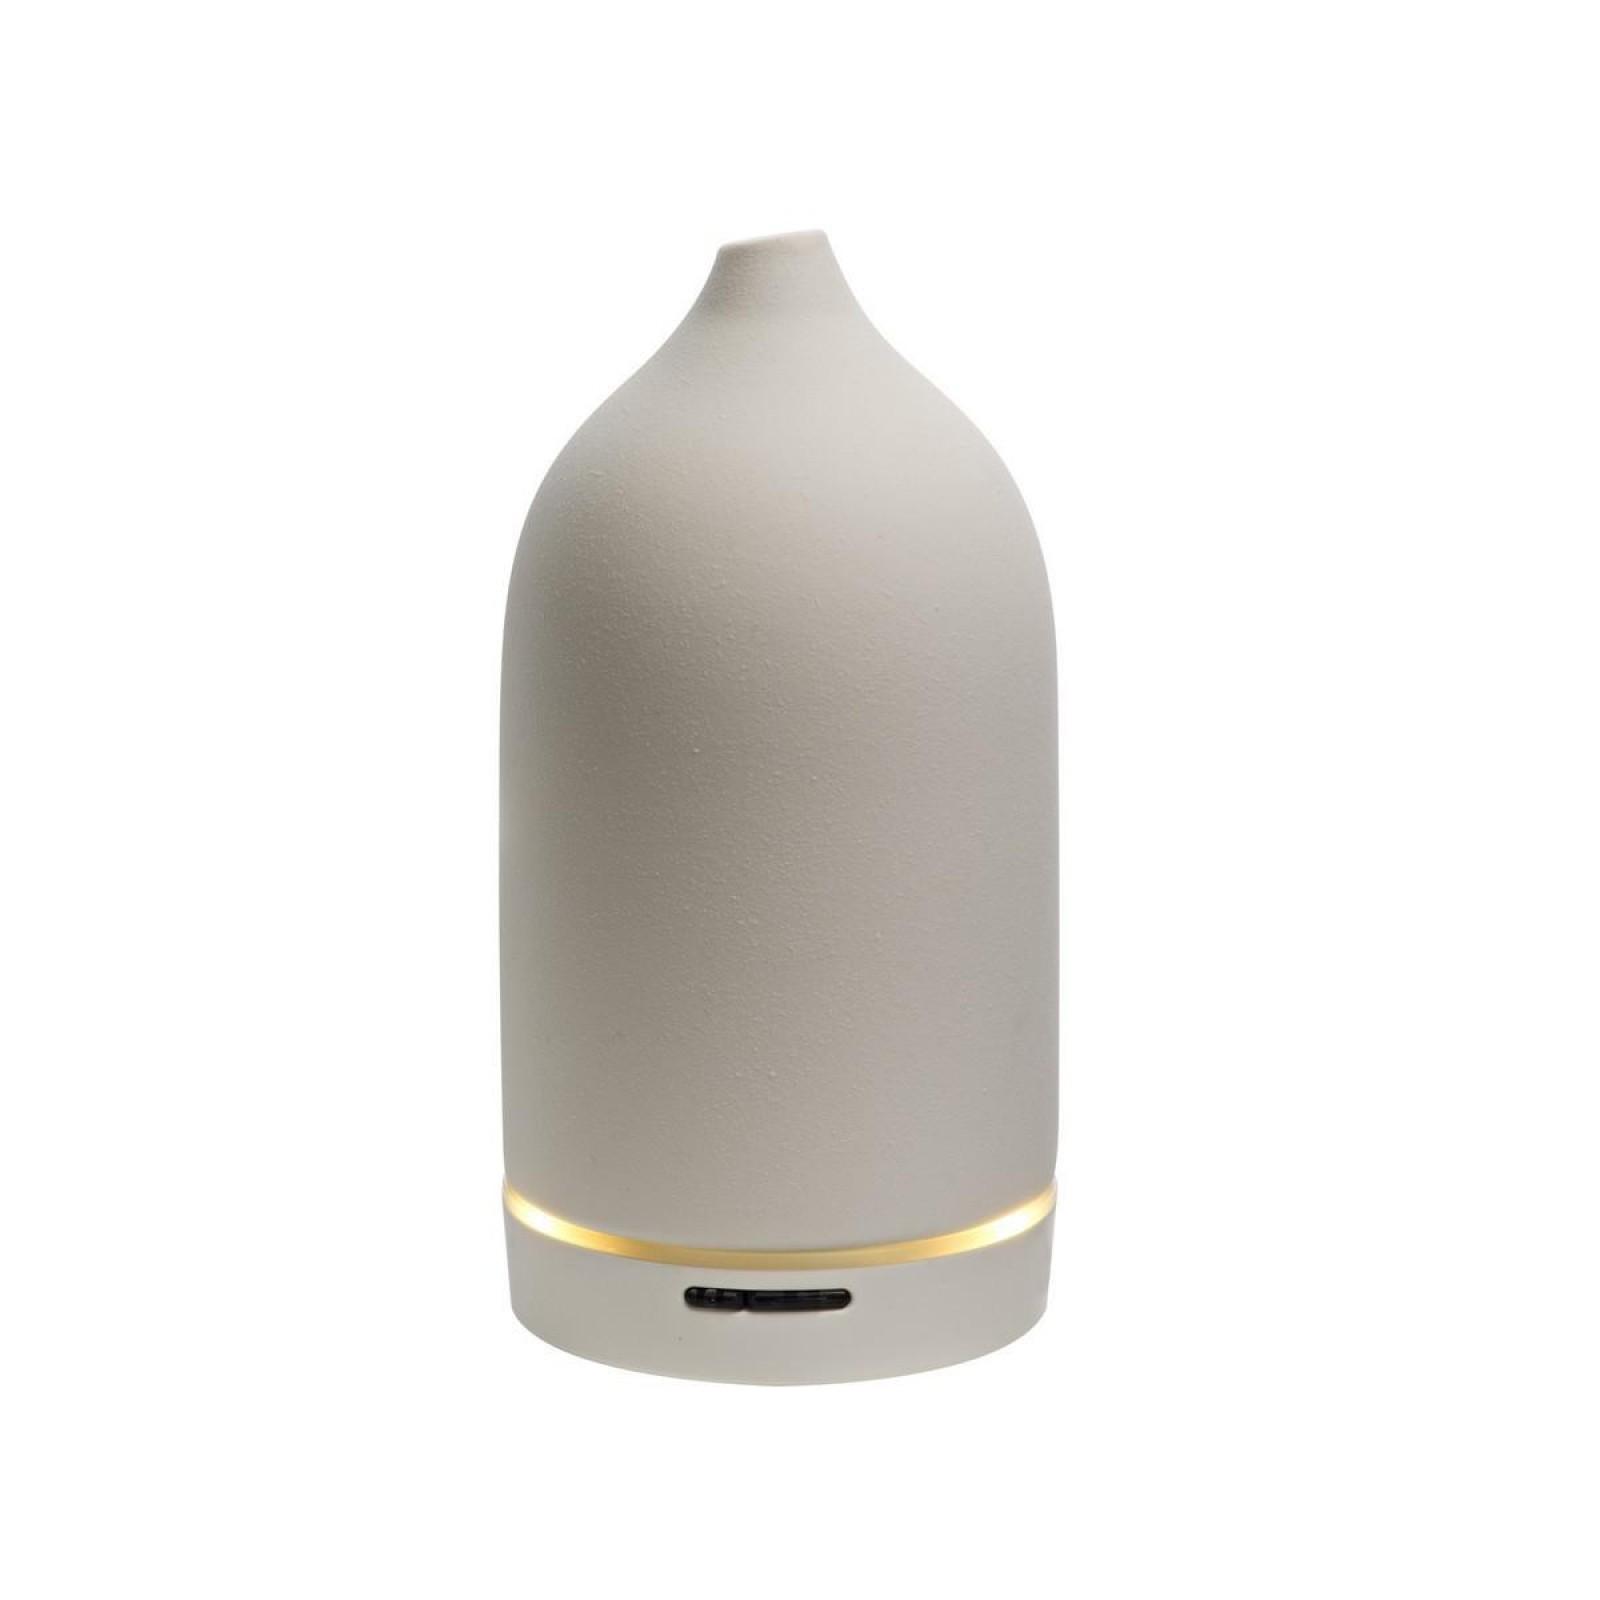 Αρωματιστής Χώρου Υπερήχων Casa Aroma Genie (Λευκό) - Toast Living